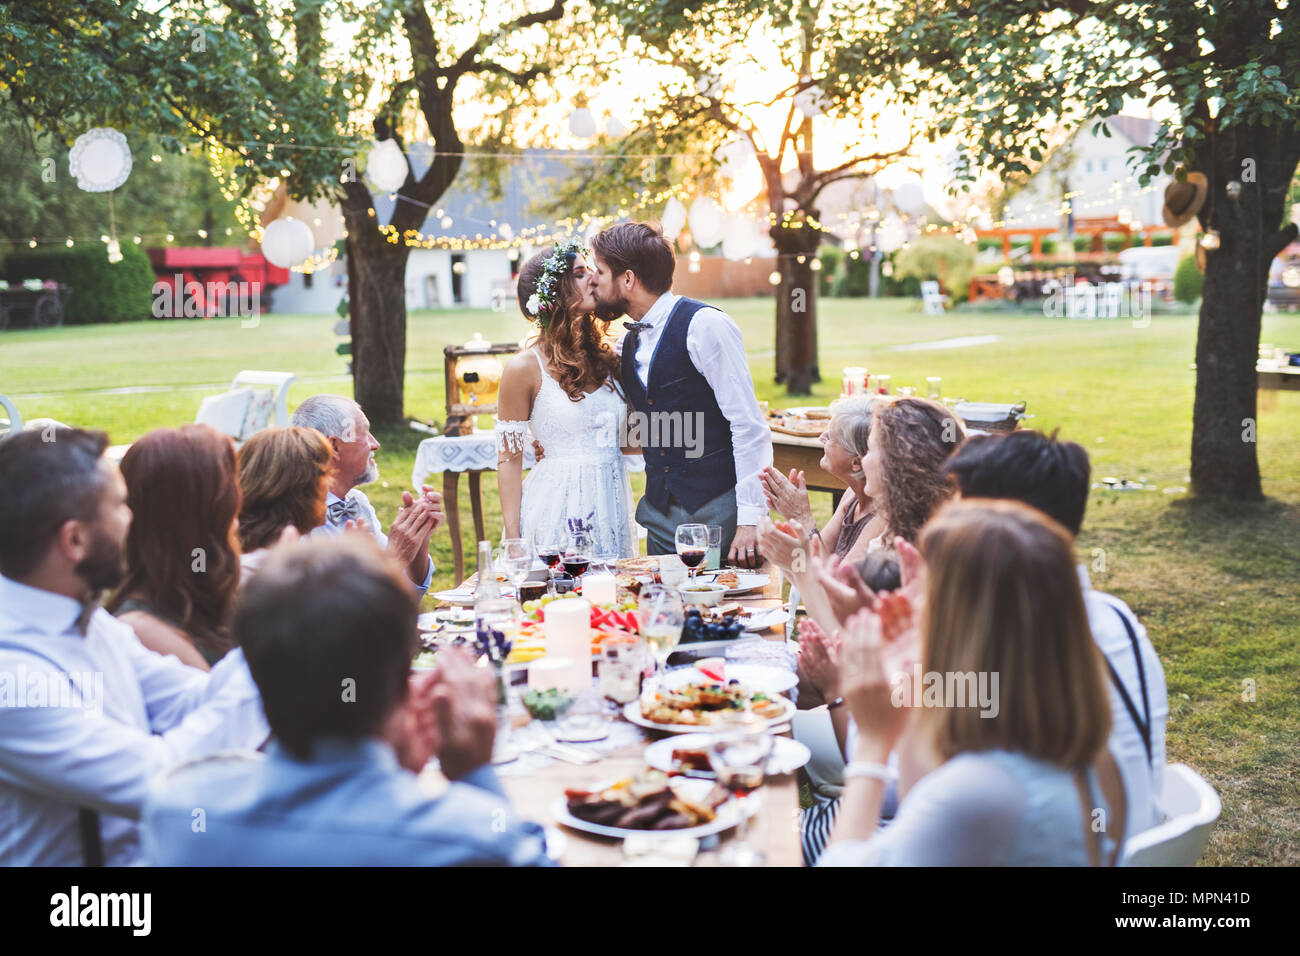 La novia y el novio con los huéspedes en la recepción de la boda fuera en el patio. Imagen De Stock